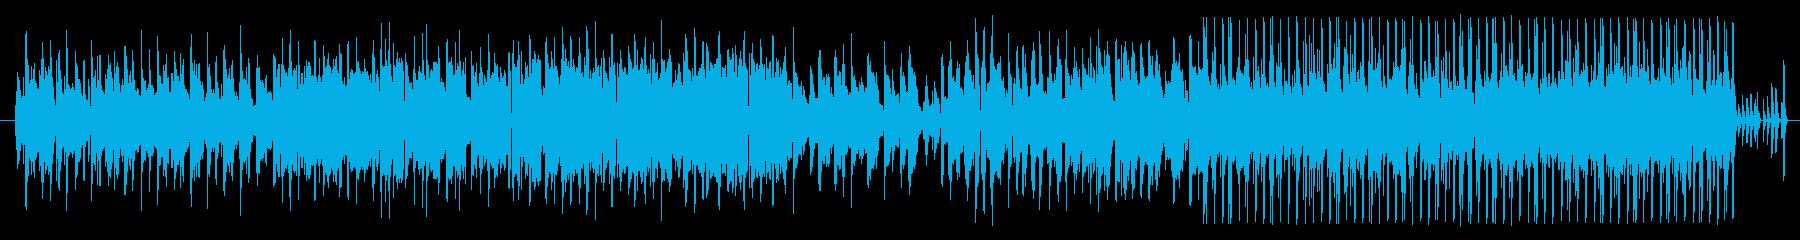 お洒落なリラクゼーションミュージックの再生済みの波形